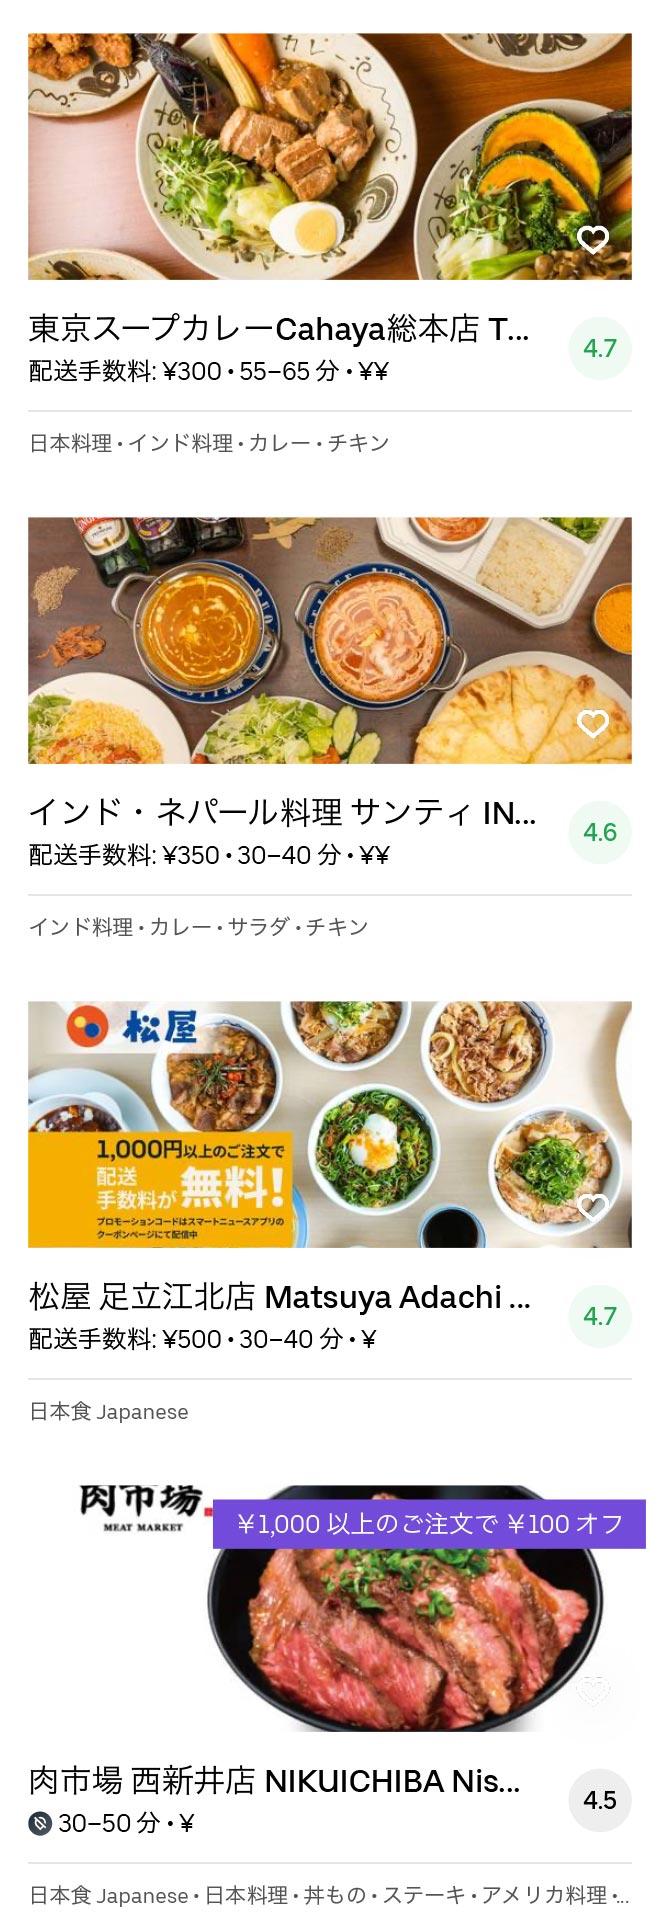 Tokyo takenotsuka menu 2005 08